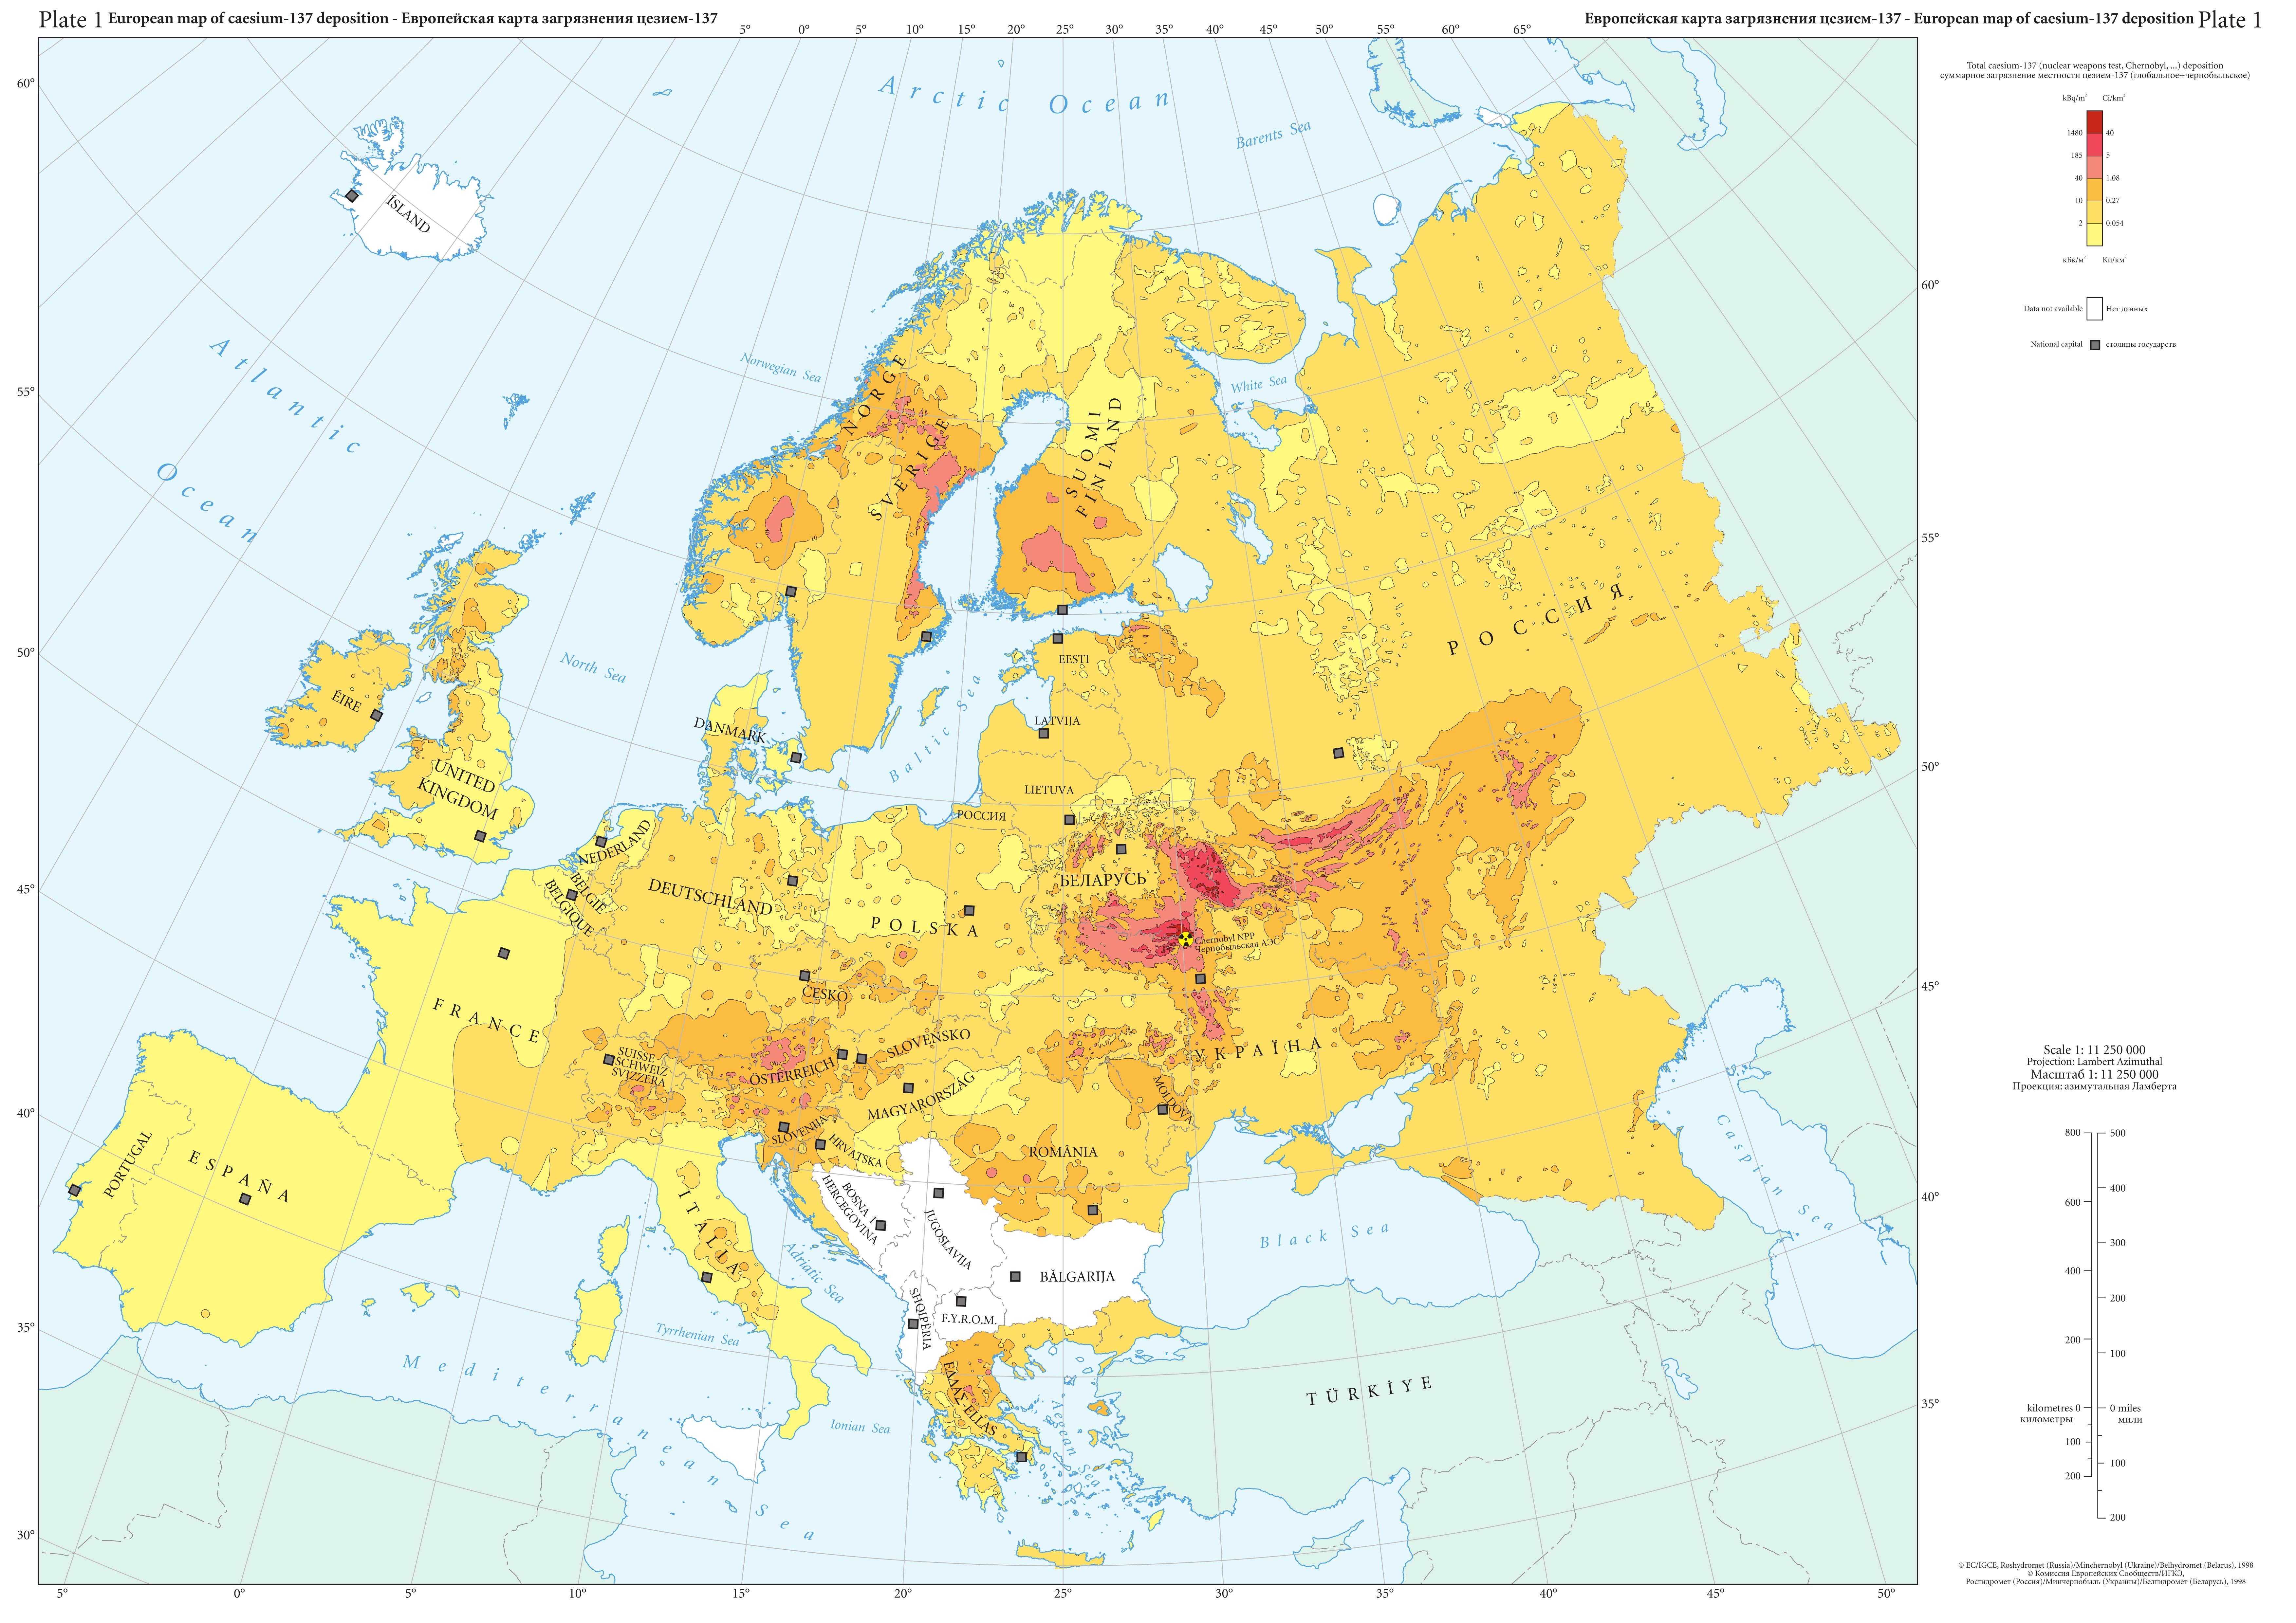 Mappa del Caesium 137, Europa, 1998.